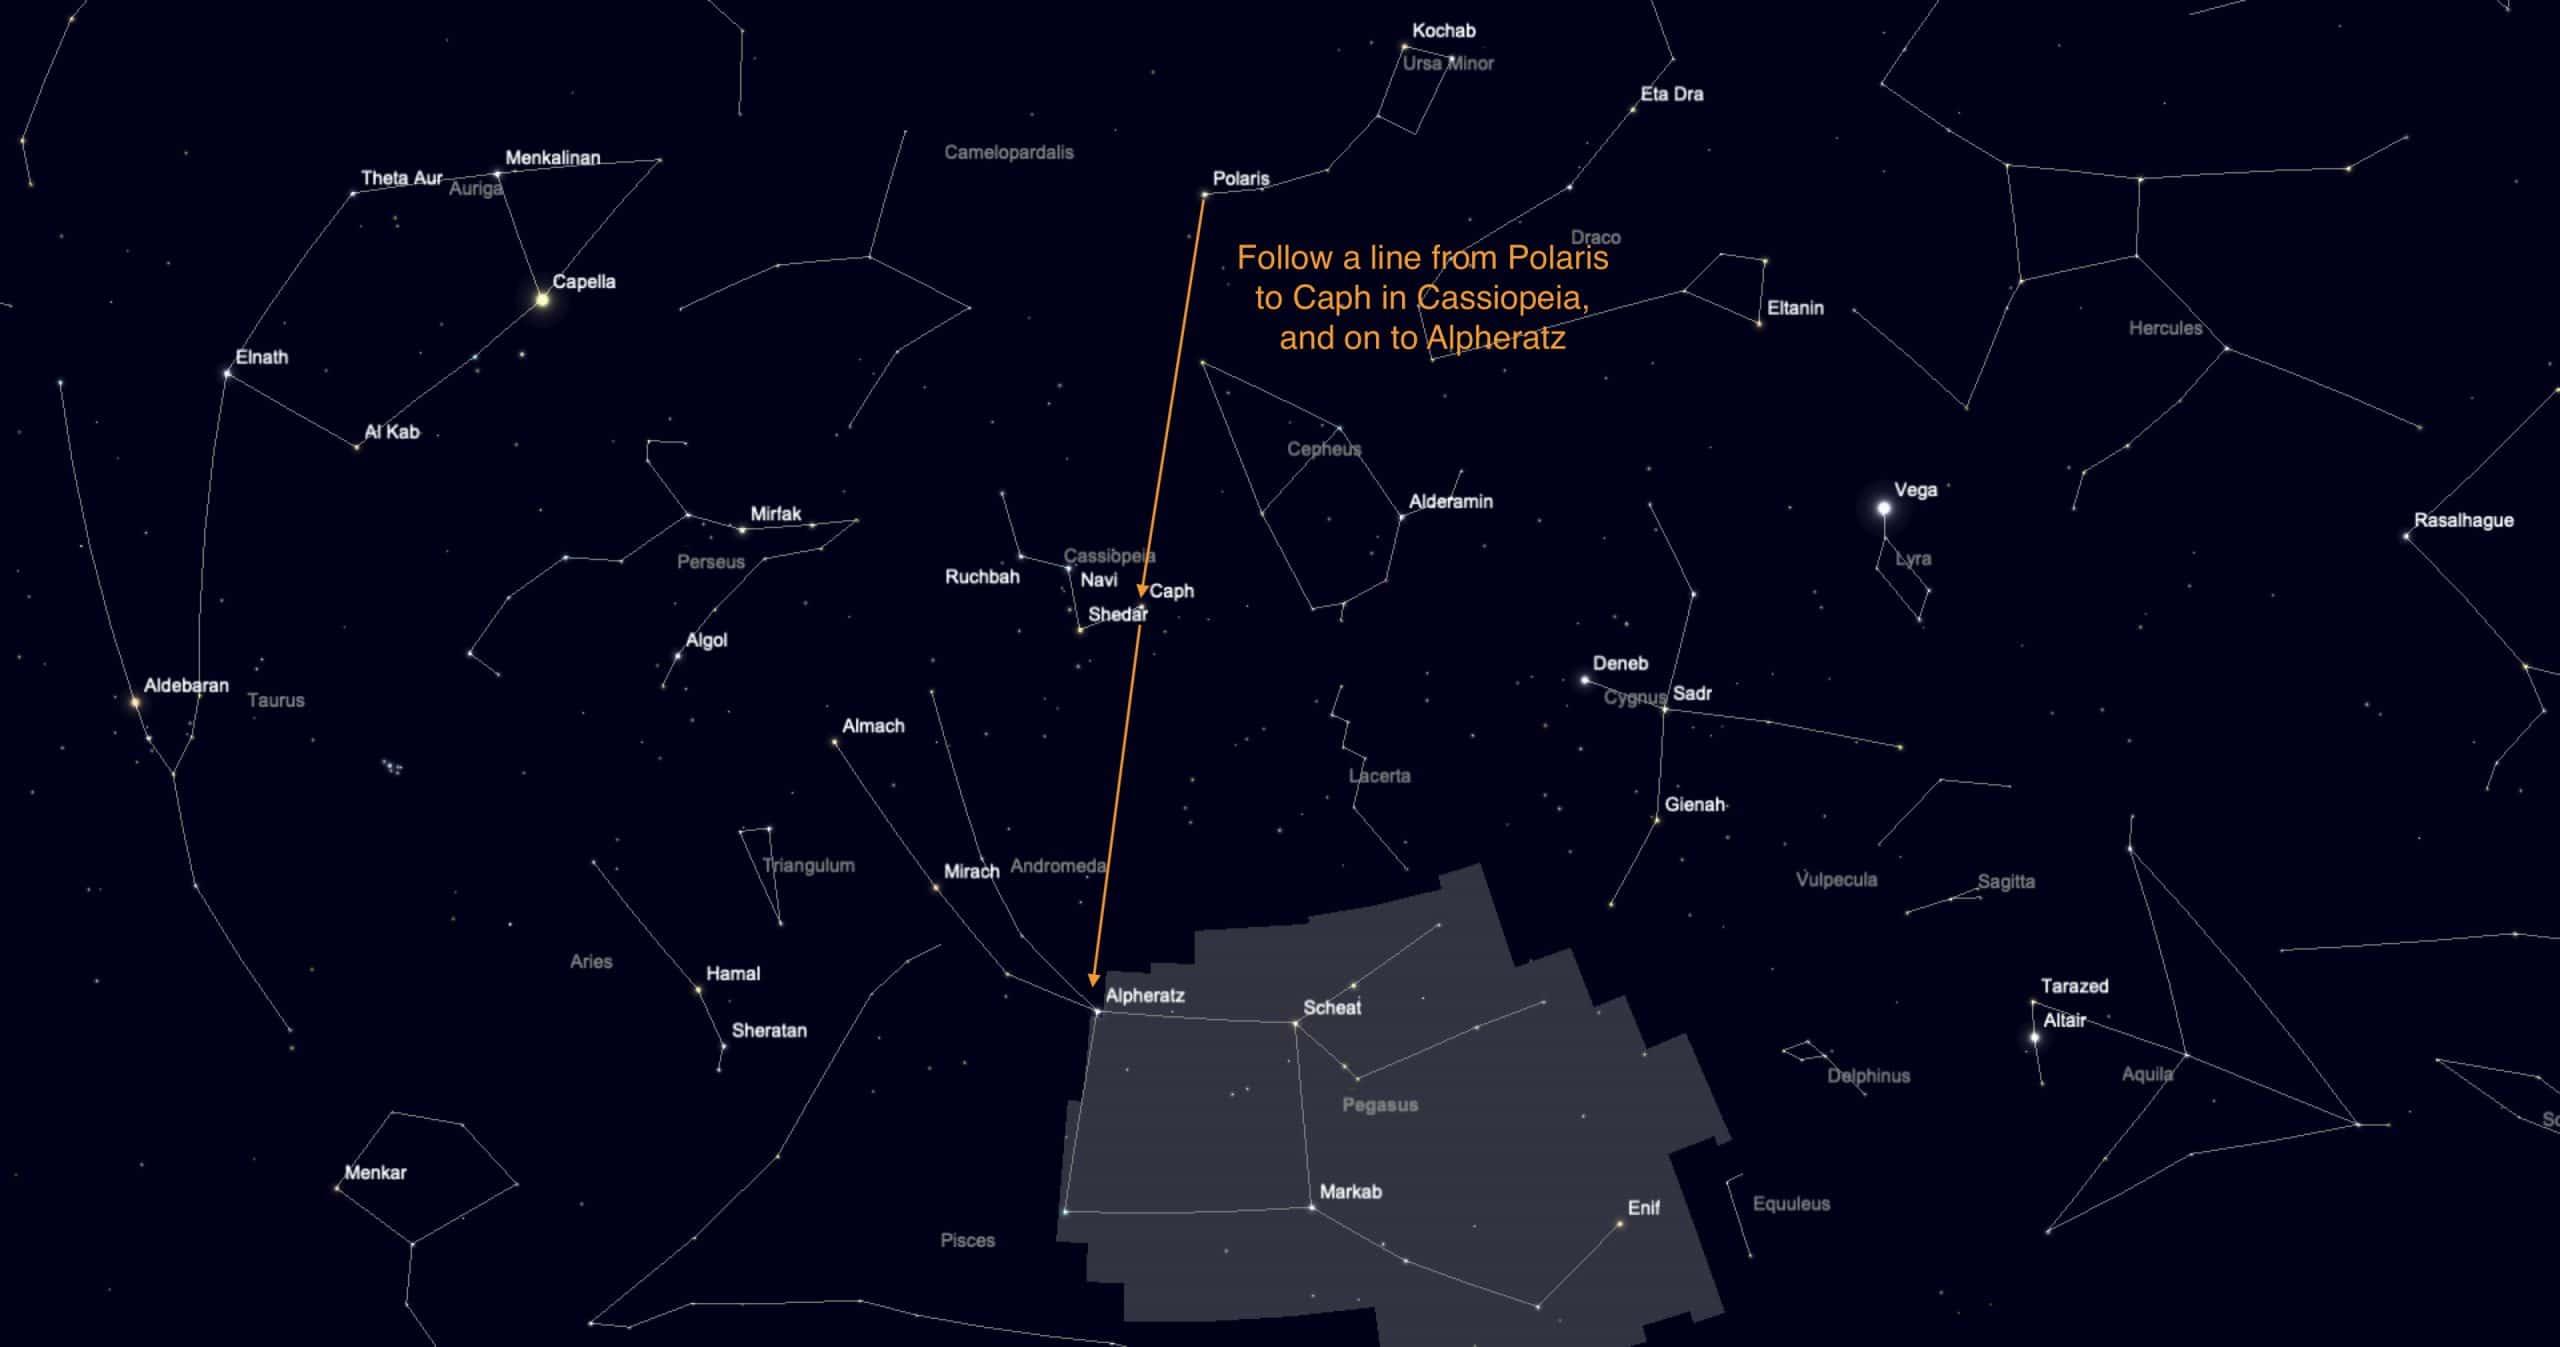 Finding Pegasus from Polaris